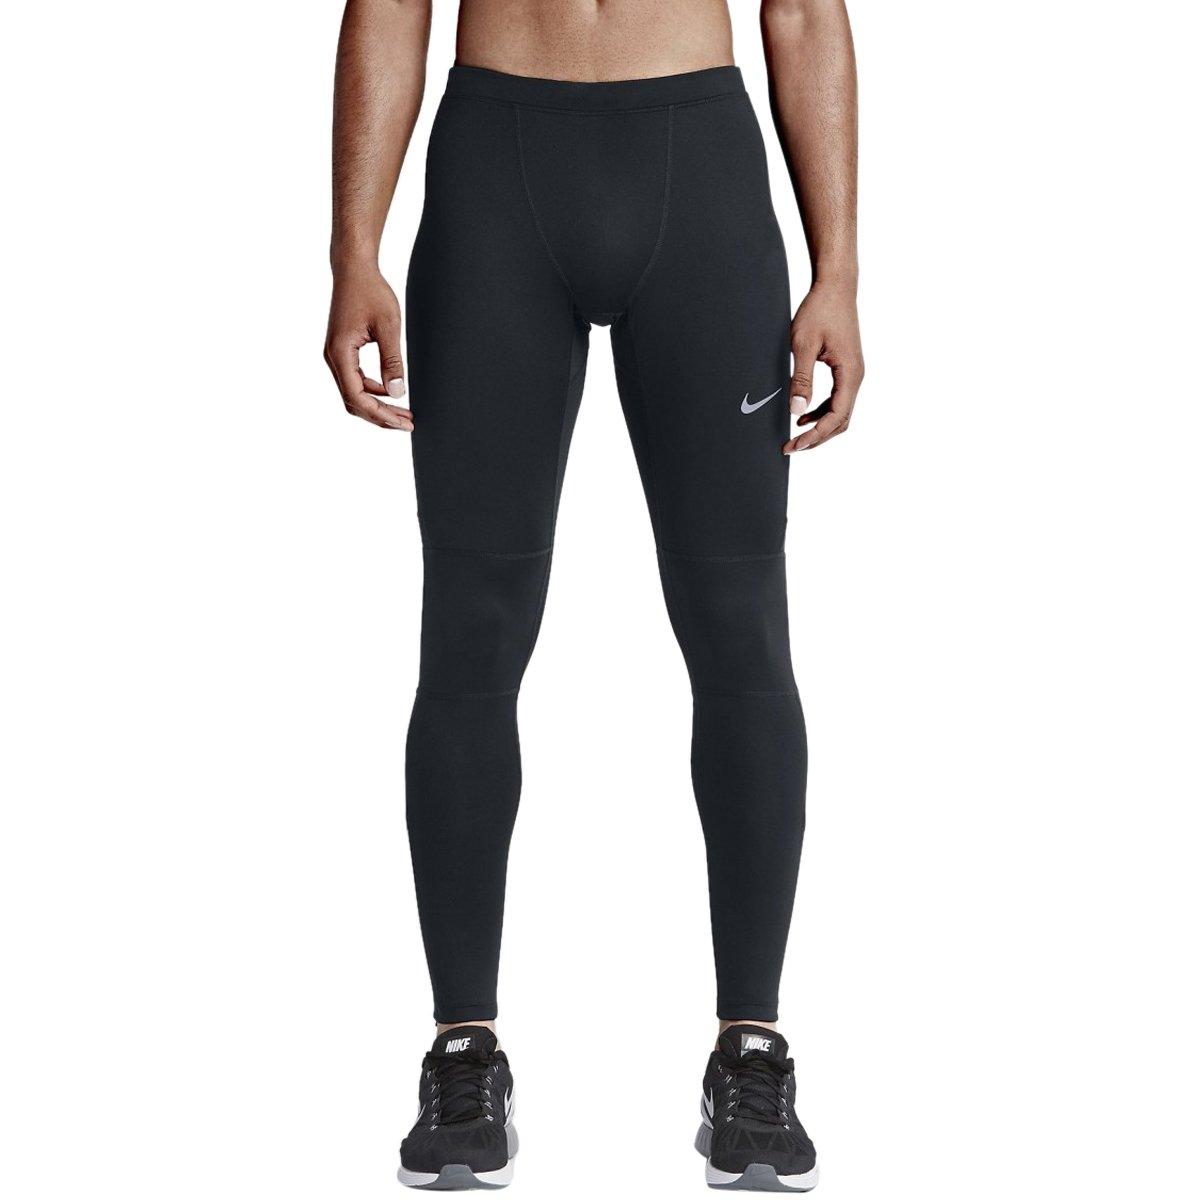 Bizz Store - Calça Masculina Nike DF Essential Tight Corrida db25e3d7961